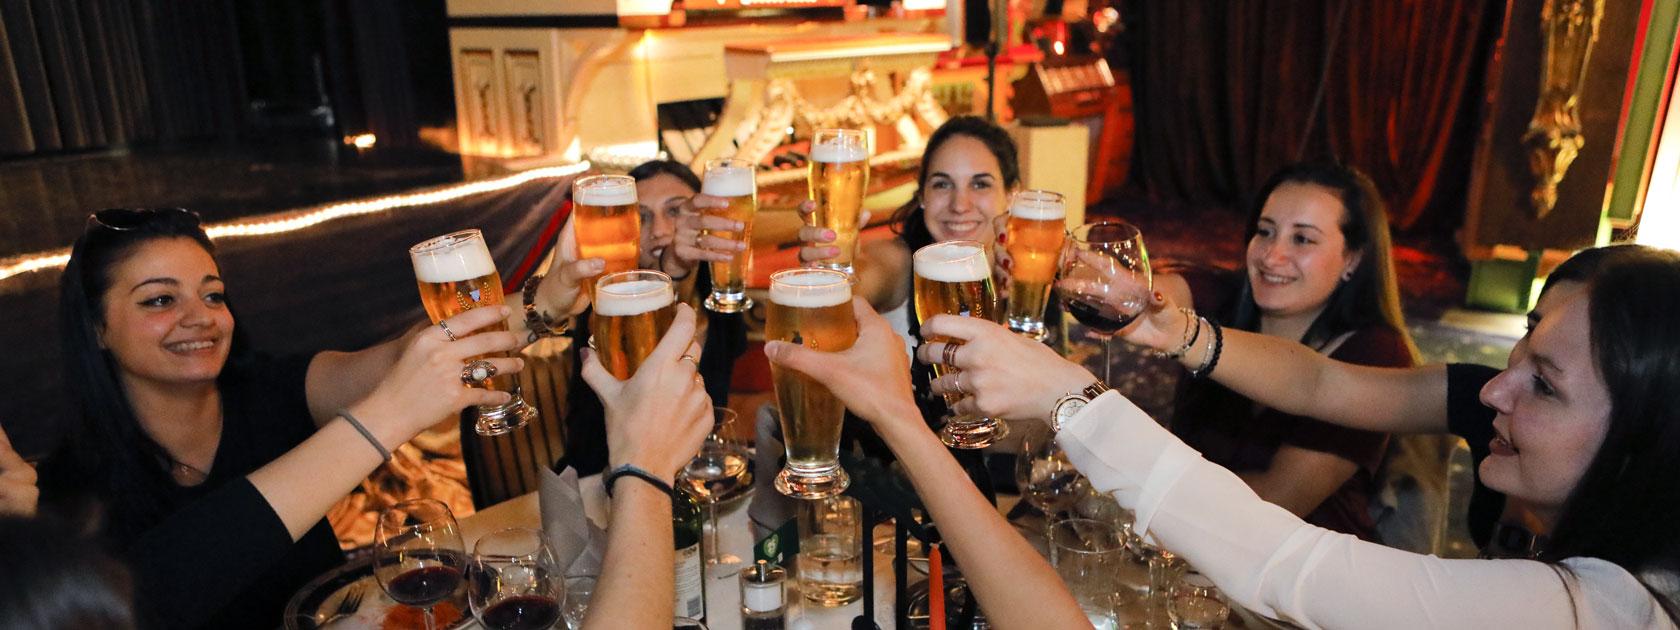 firmen-bier